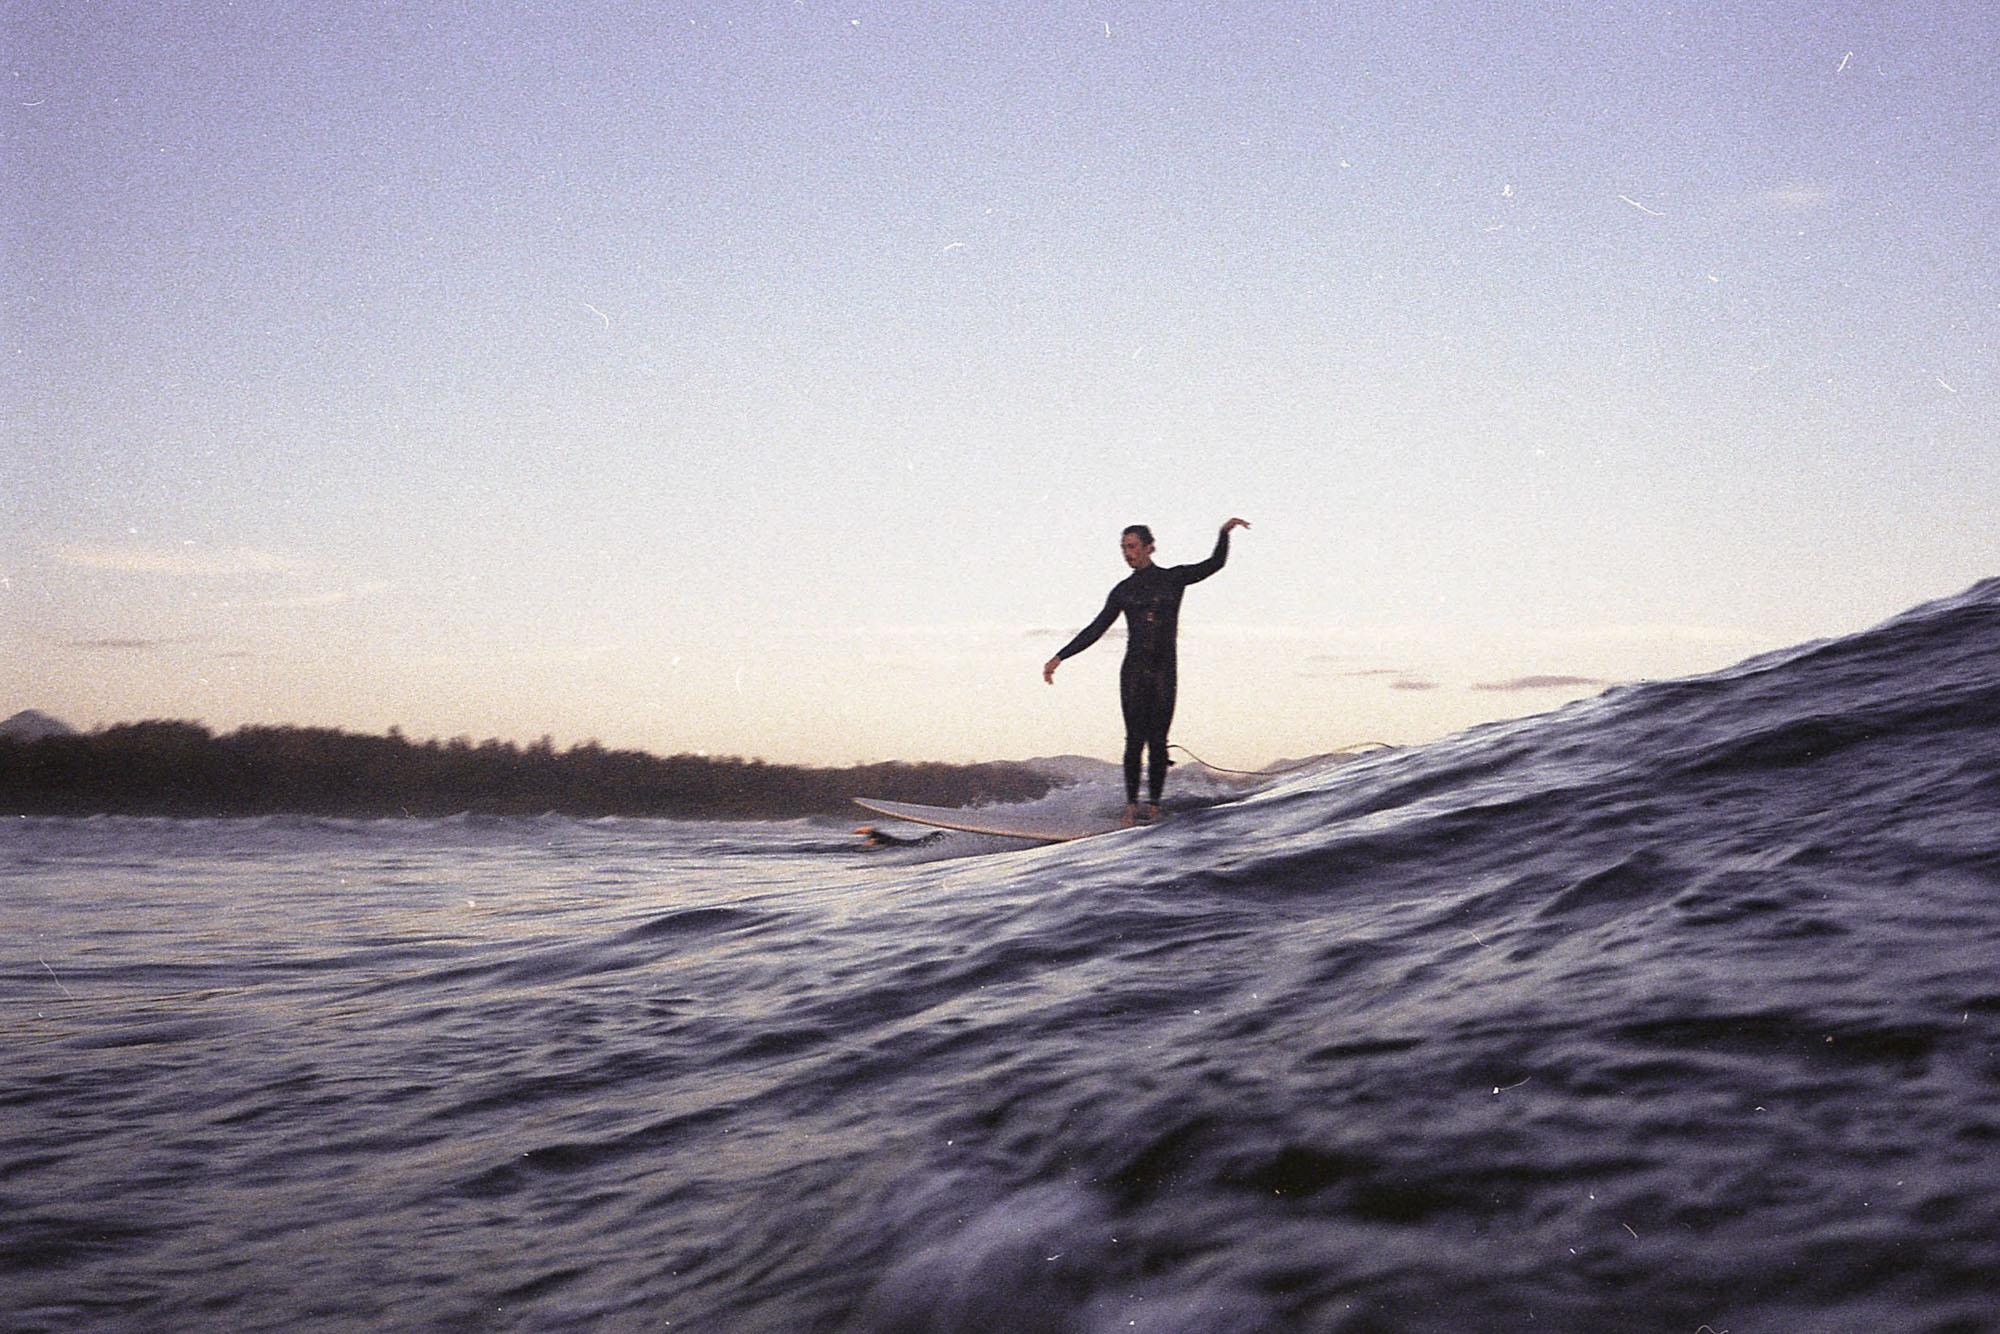 photographie de surf sur pellicule